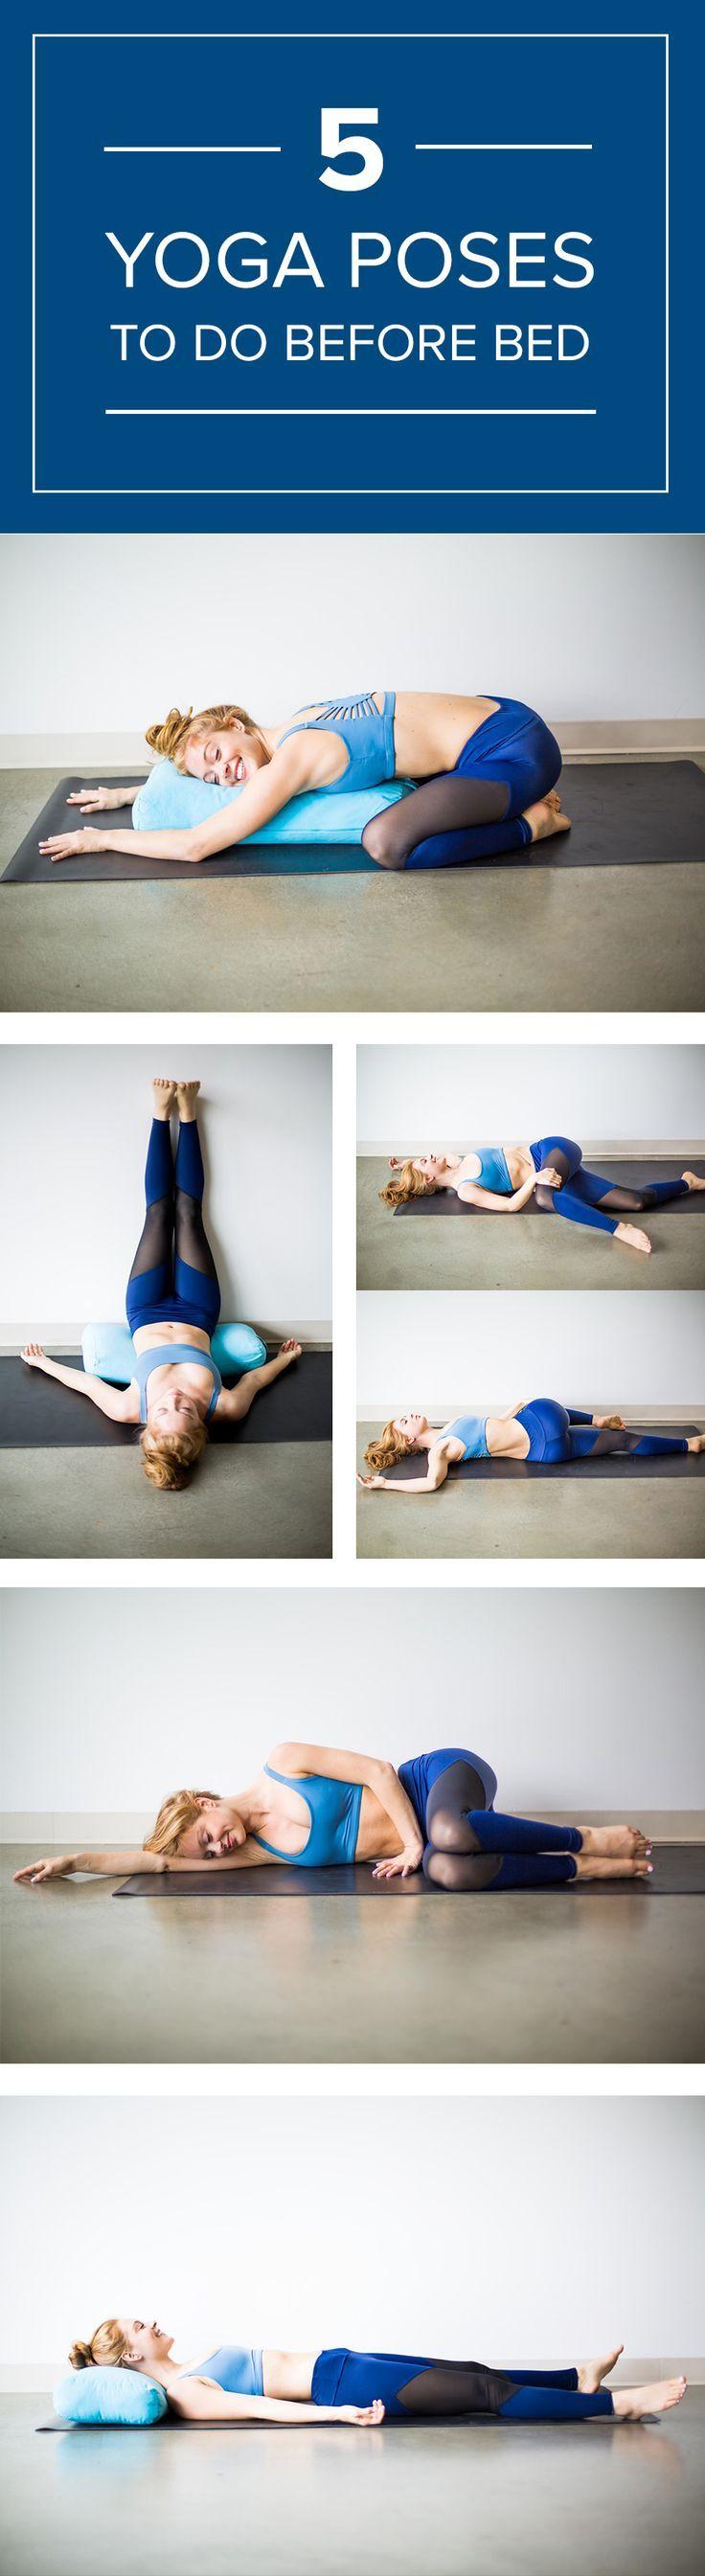 Bedtime Yoga Poses To Help You Unwind Bedtime Yoga Yoga Training Yoga Benefits